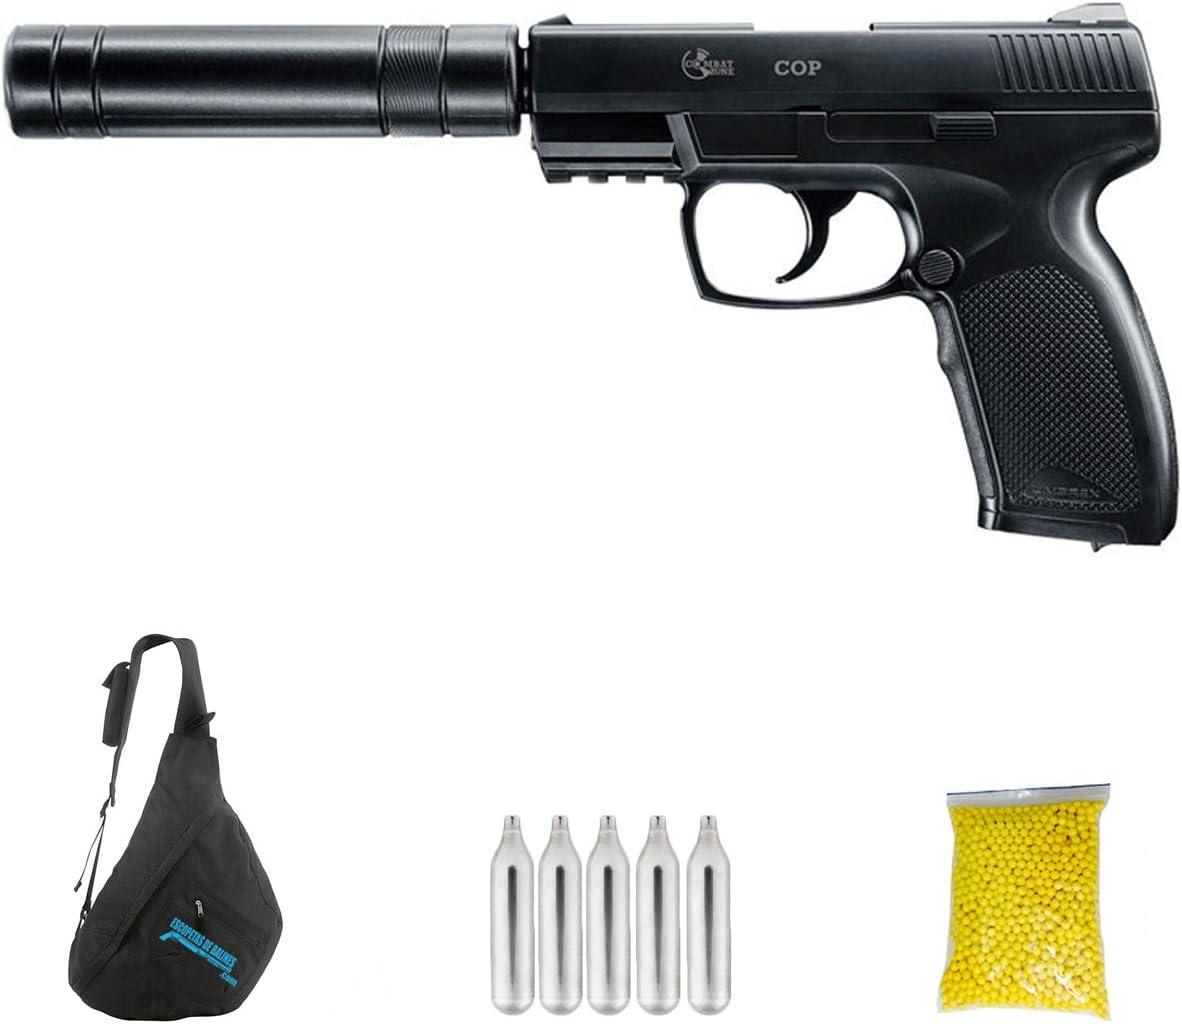 COMBAT COP SK M12 | Pistola de Airsoft Calibre 6mm (Arma Aire Suave de Bolas de plástico o PVC). Sistema: Co2. 2,1 Julios.